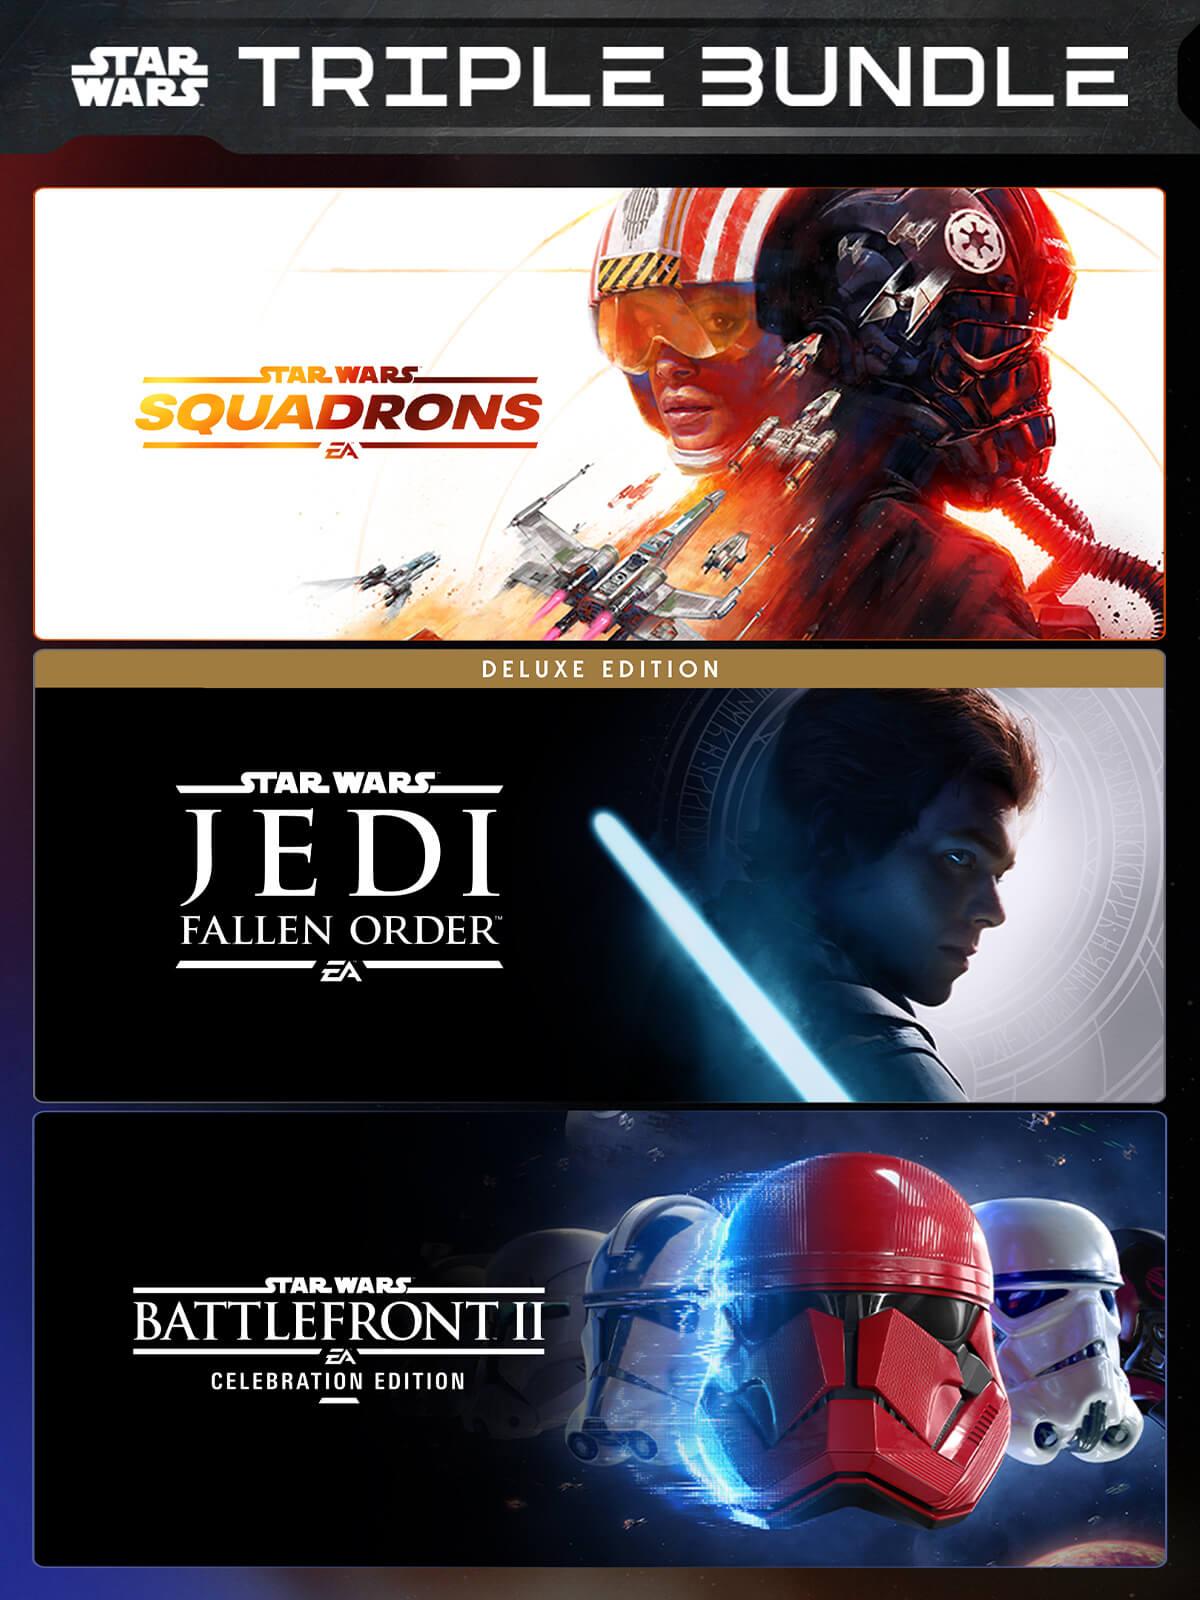 EA Star Wars Triple Bundle - Squadrons + Jedi: Fallen Order Deluxe Edition + Battlefront II: Celebration Edition sur PC (Dématérialisé)